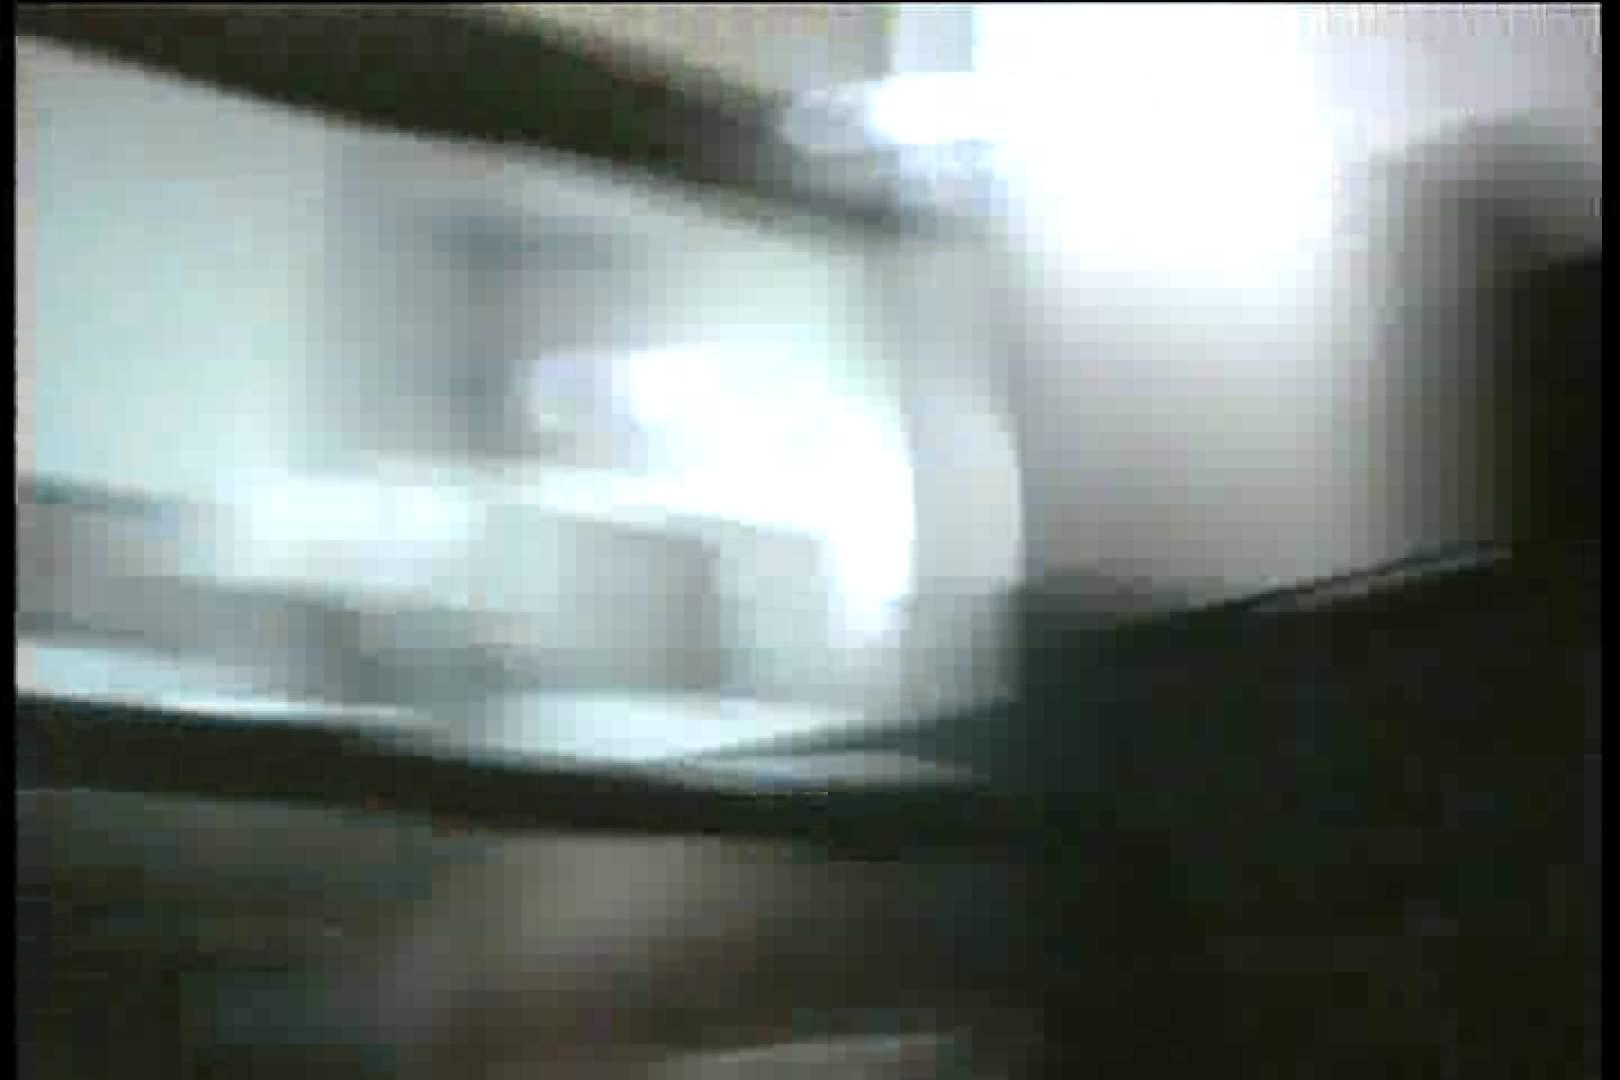 ここは天国極楽漫遊記Vol.1 OLセックス 覗き性交動画流出 107画像 106